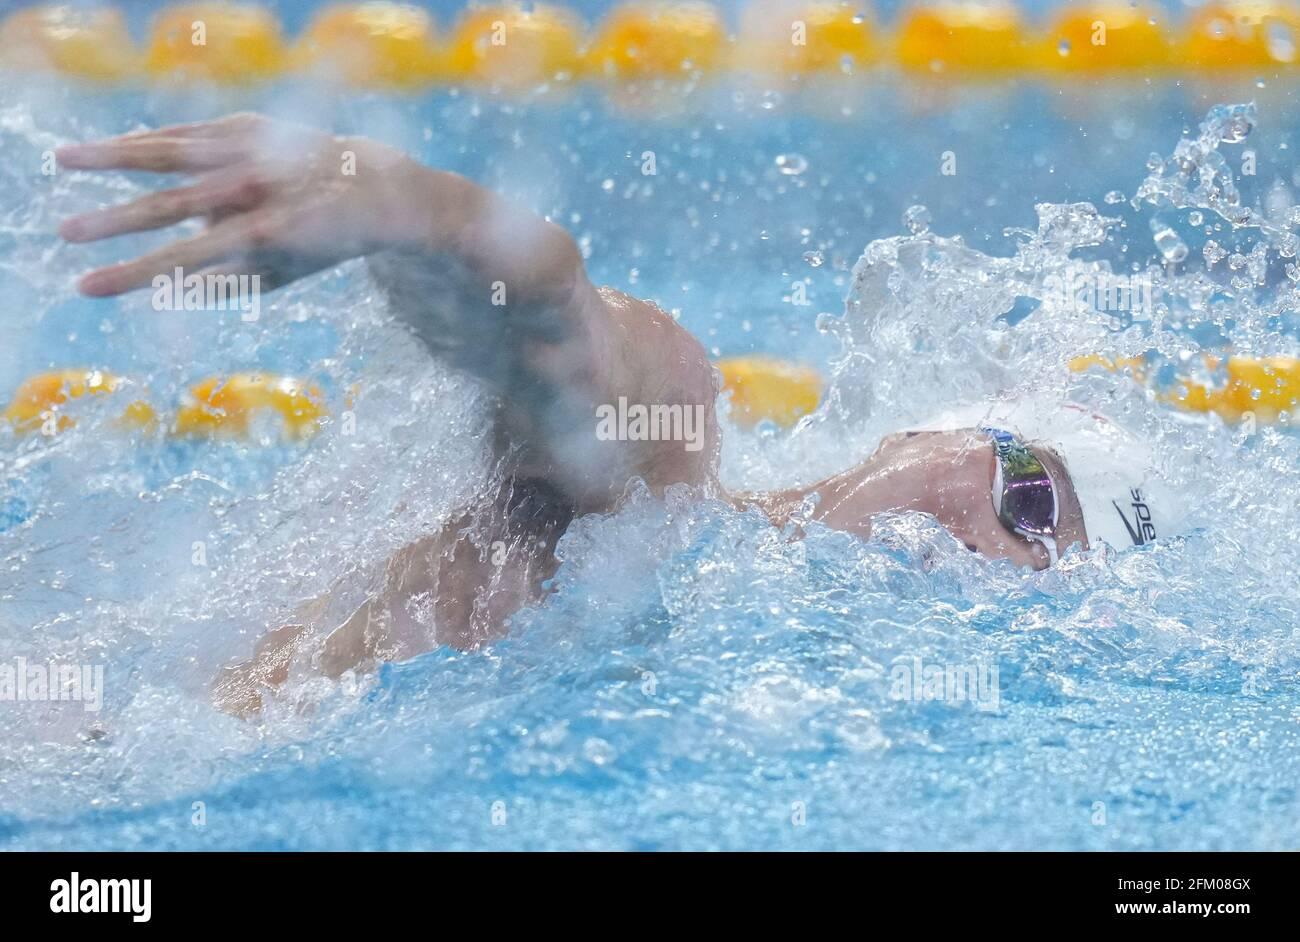 Qingdao, Chine. 5 mai 2021. Il Junyi, de Zhejiang, participe à la finale freestyle de 100m masculin aux Championnats nationaux chinois de natation 2021 à Qingdao, en Chine orientale, le 5 mai 2021. Credit: Xu Chang/Xinhua/Alay Live News Banque D'Images